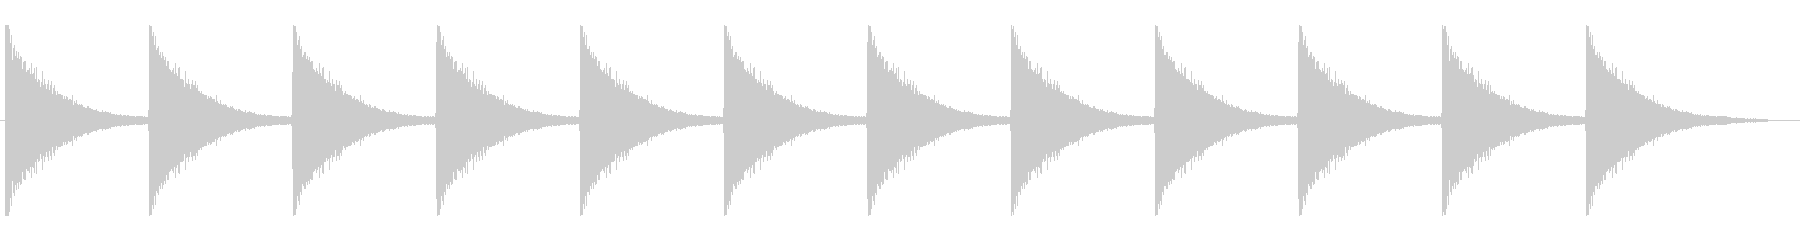 機械式振り子時計の12時の時報の未再生の波形